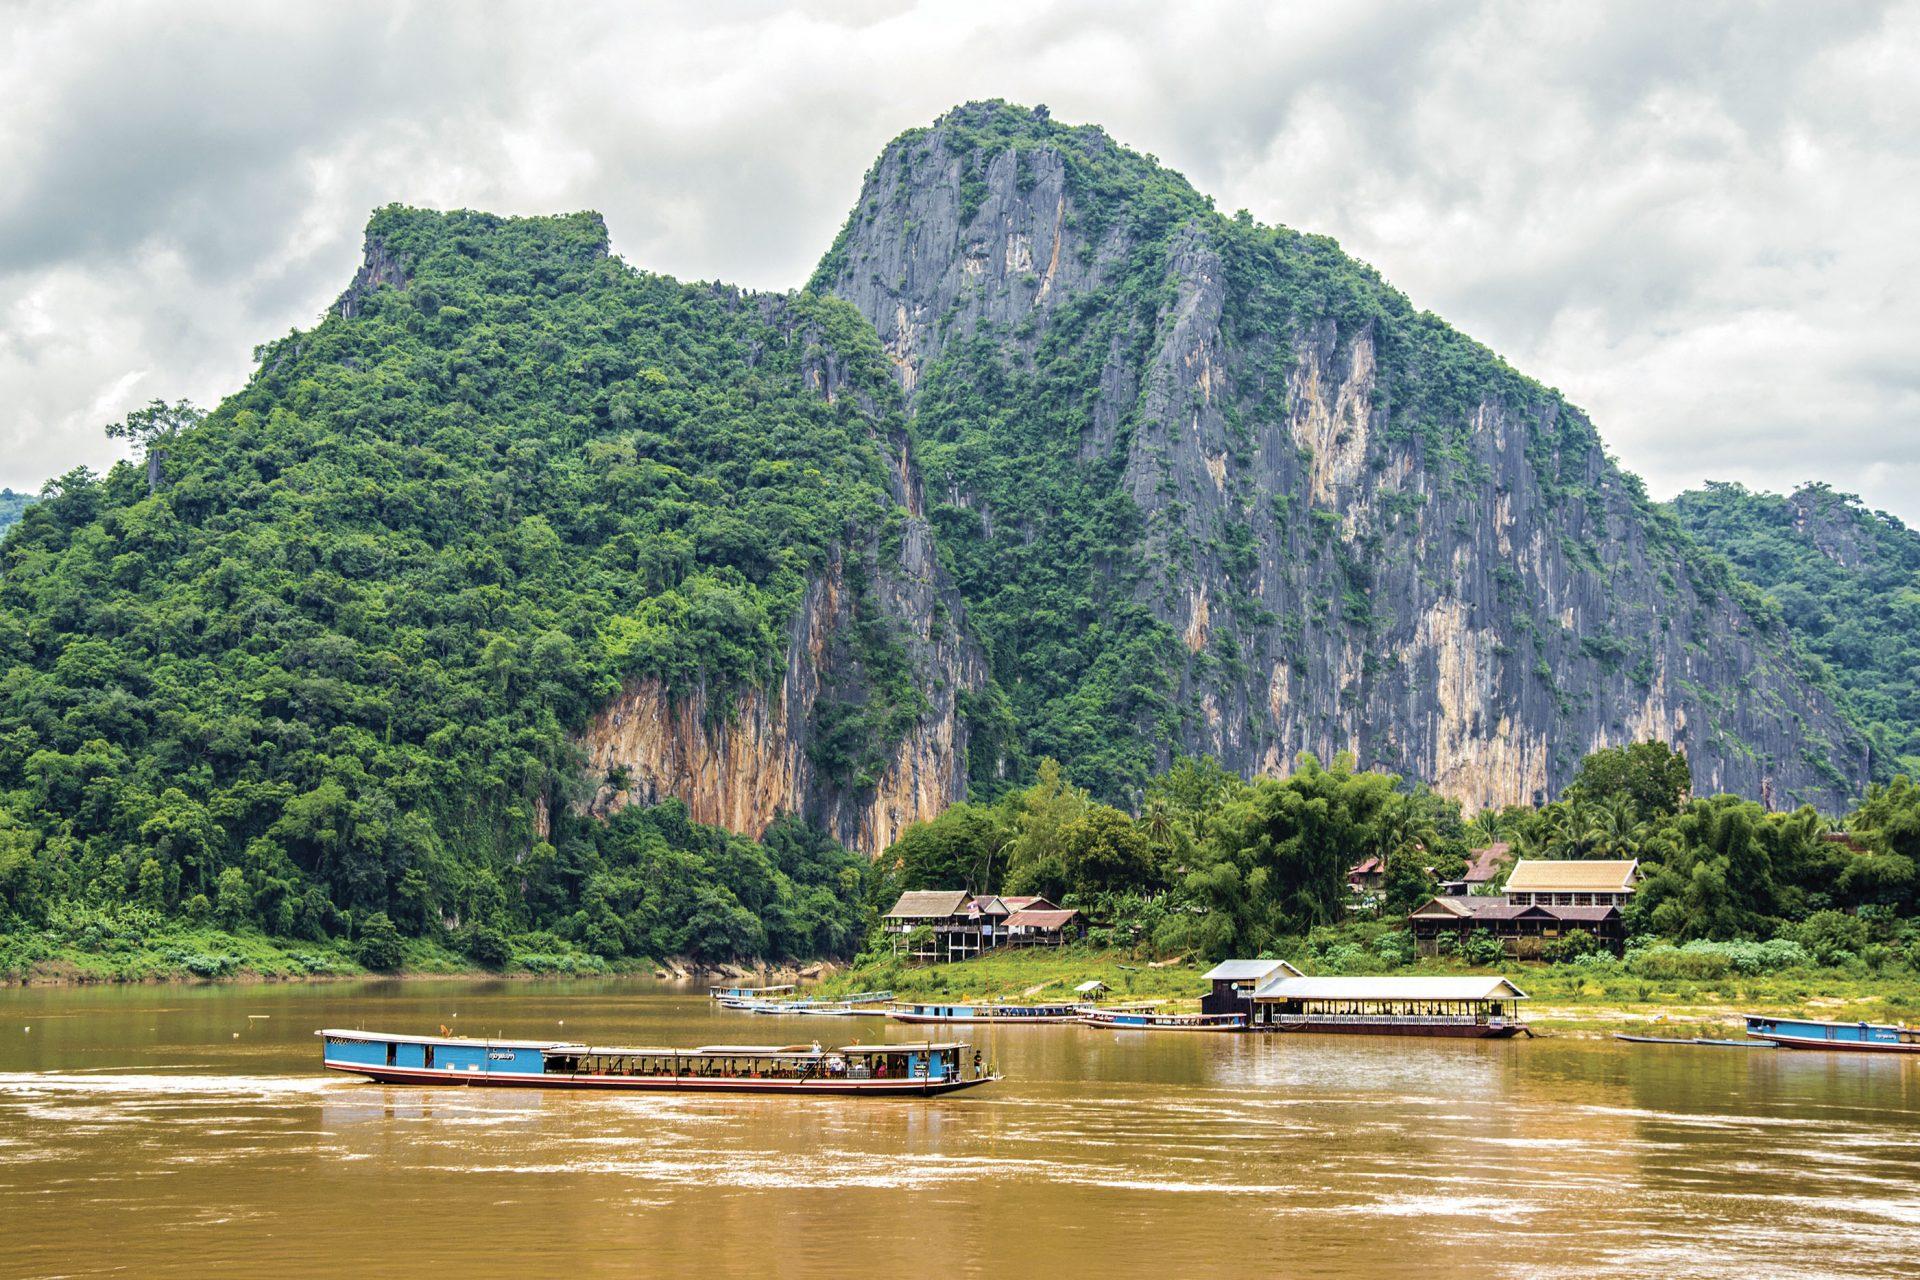 Luang Prabang, caudal de culturas y espiritualidad